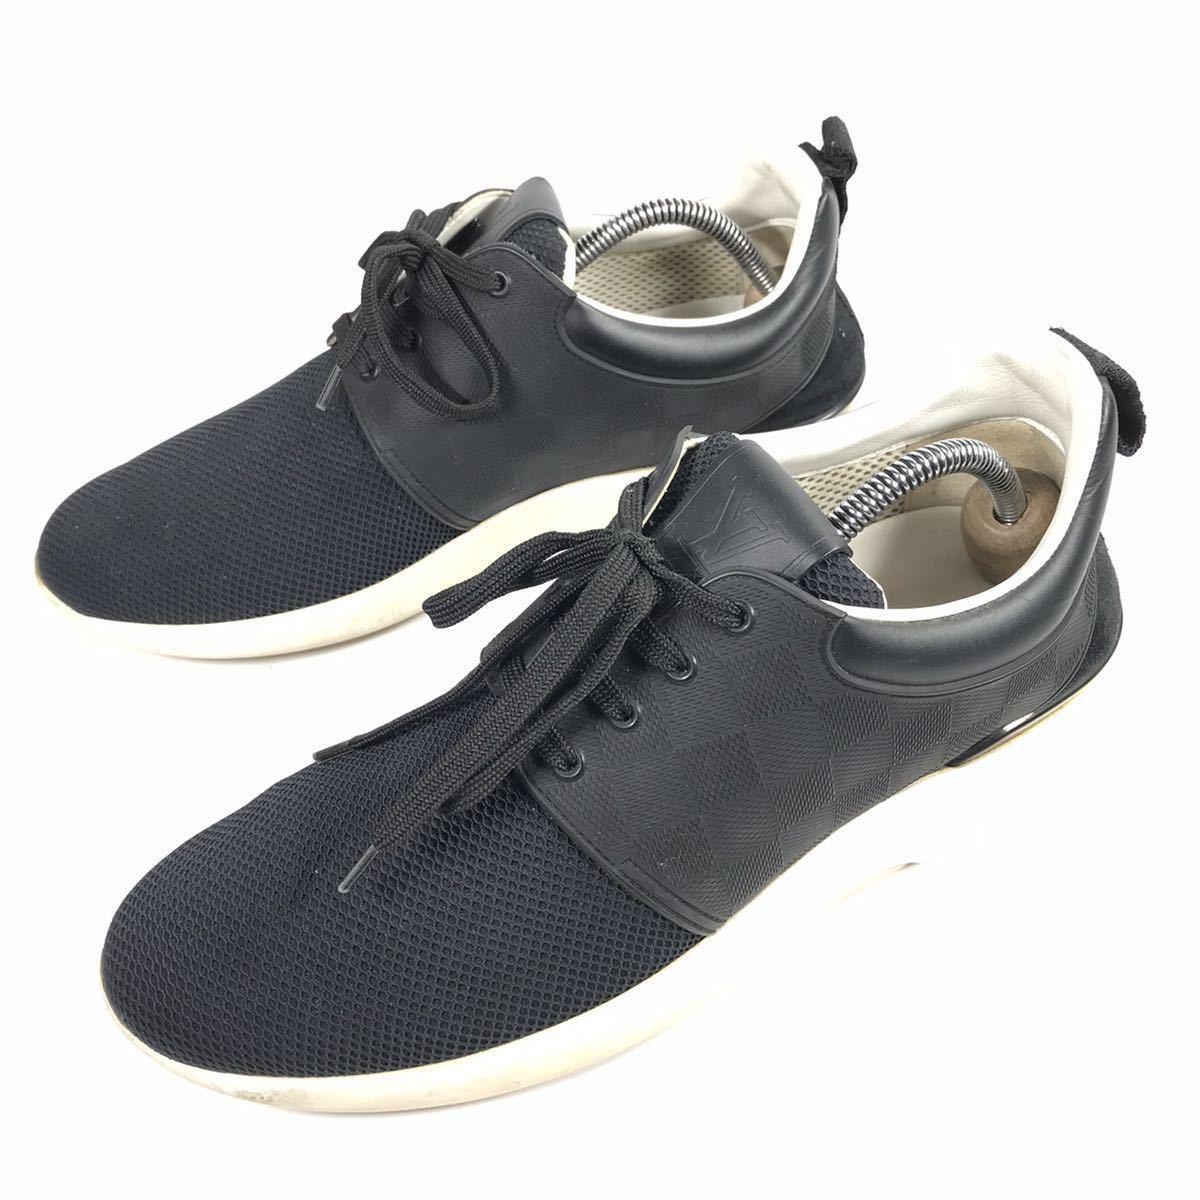 【ルイヴィトン】本物 LOUIS VUITTON 靴 25.5cm 黒 ダミエライン ファストレーン スニーカー カジュアルシューズ レザー×PVC メンズ 6 1/2_画像1